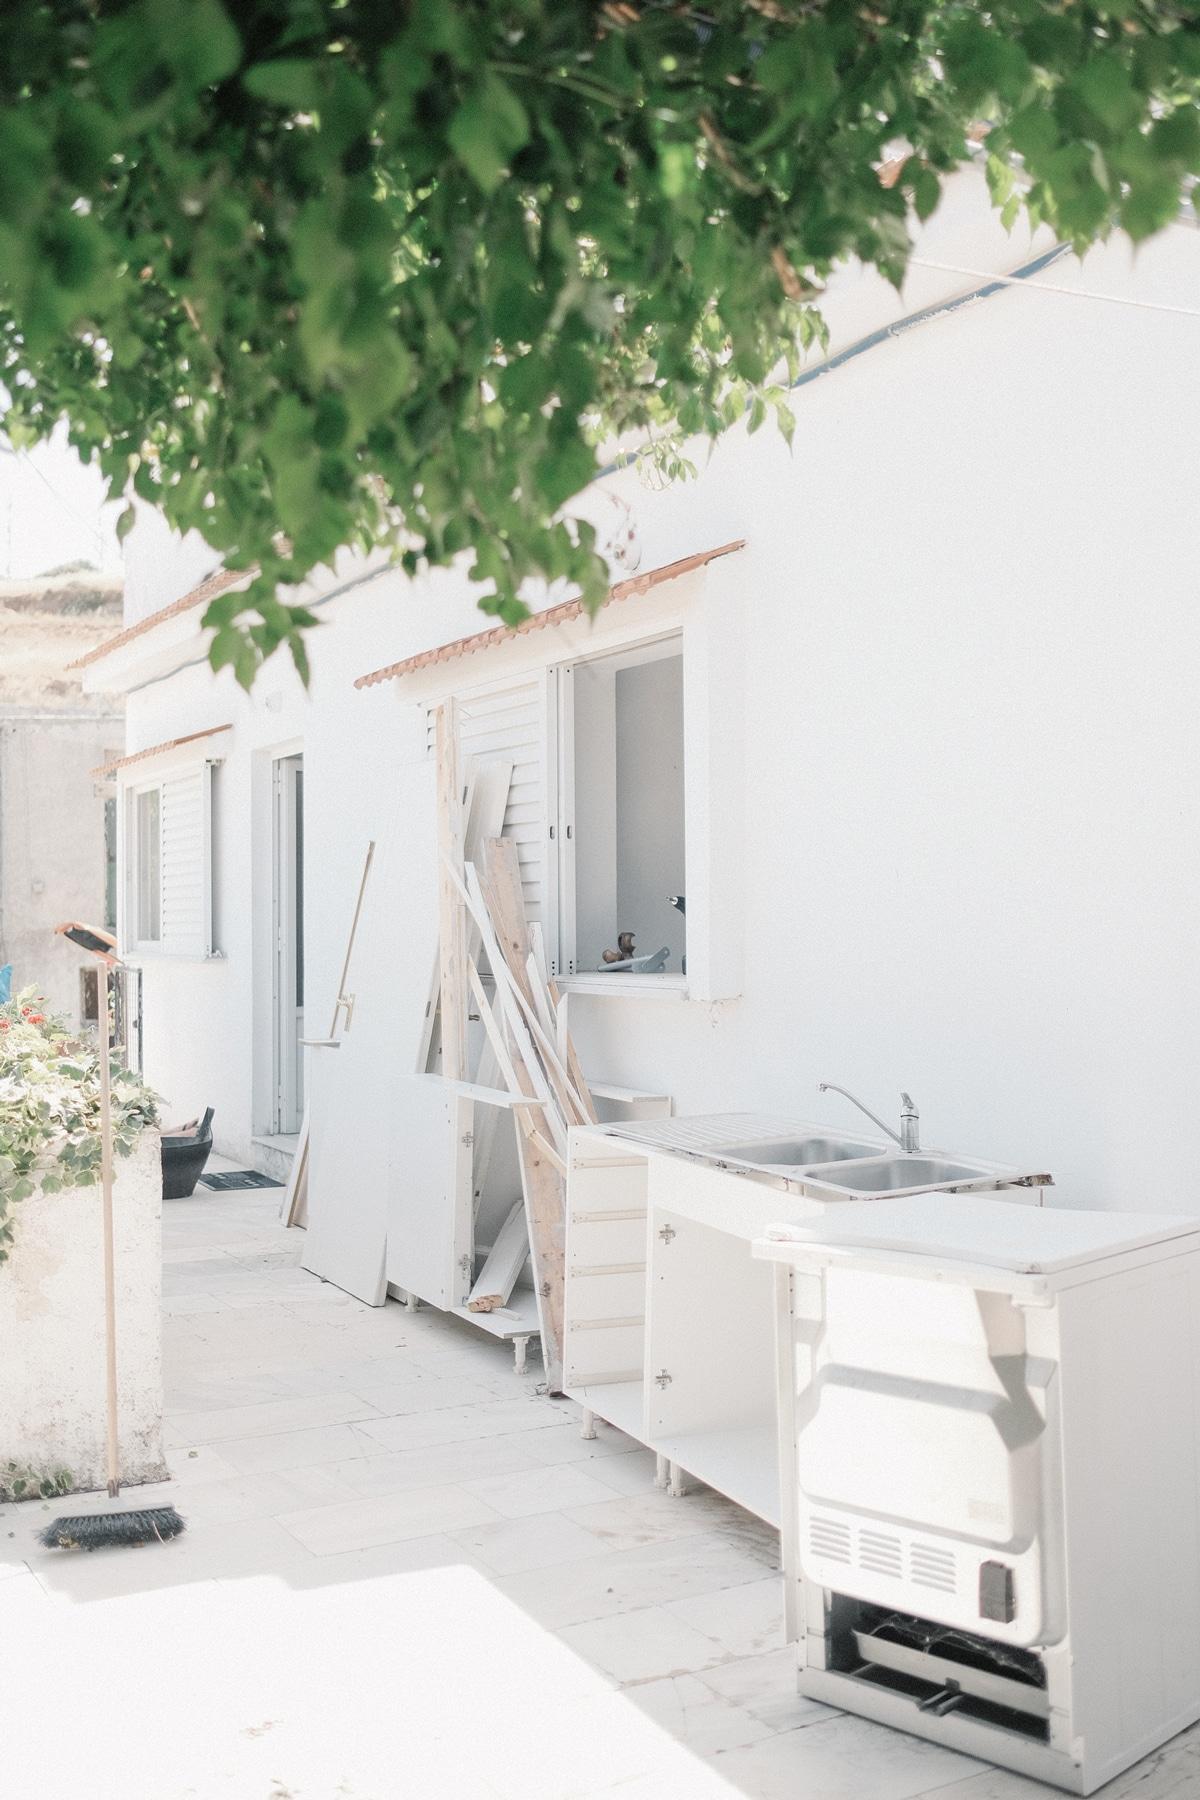 Kinlake-Crete-House-Lifestyle-2018-8920-s